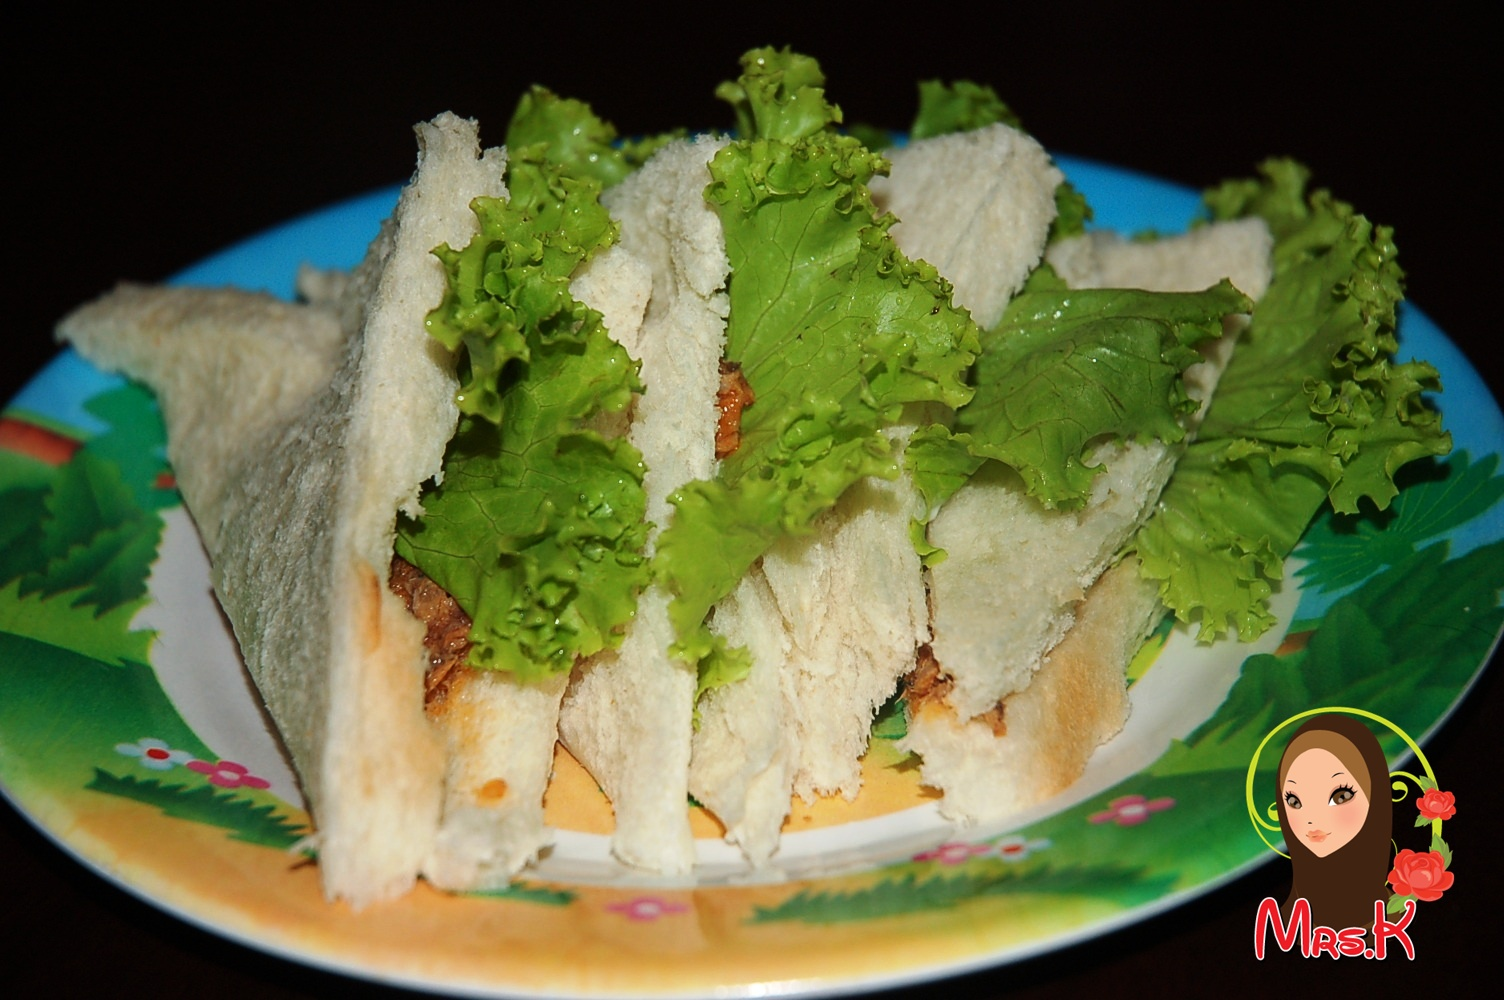 Sedap Jilat http://alwzbemybaby.blogspot.com/2010/11/sandwich-sedap